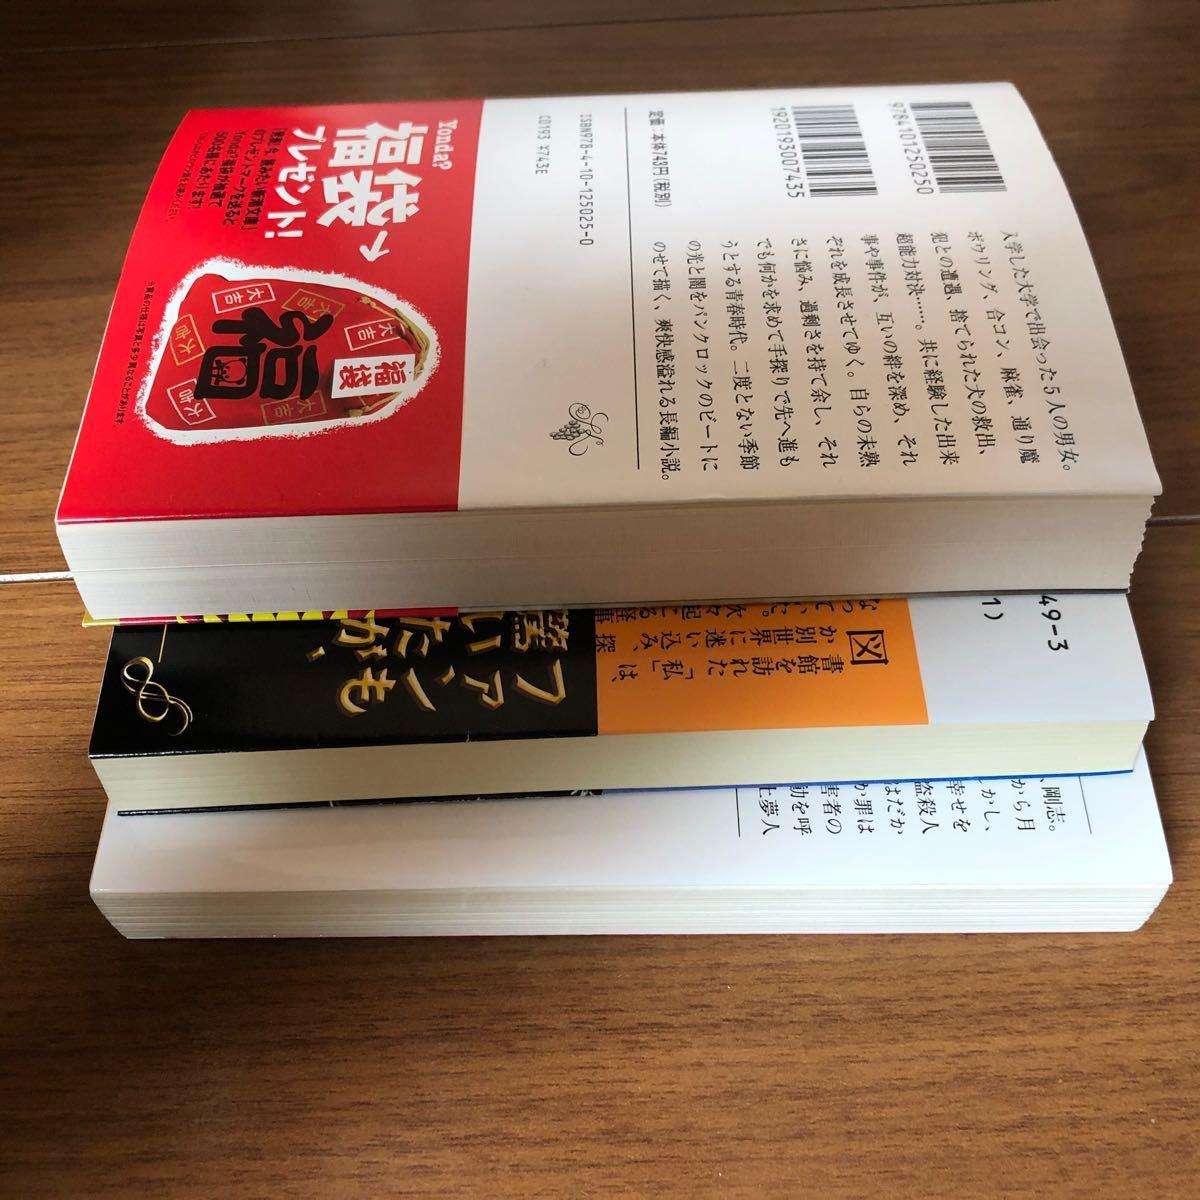 小説まとめ売り 名探偵の呪縛 手紙 東野圭吾 - 砂漠 伊坂幸太郎